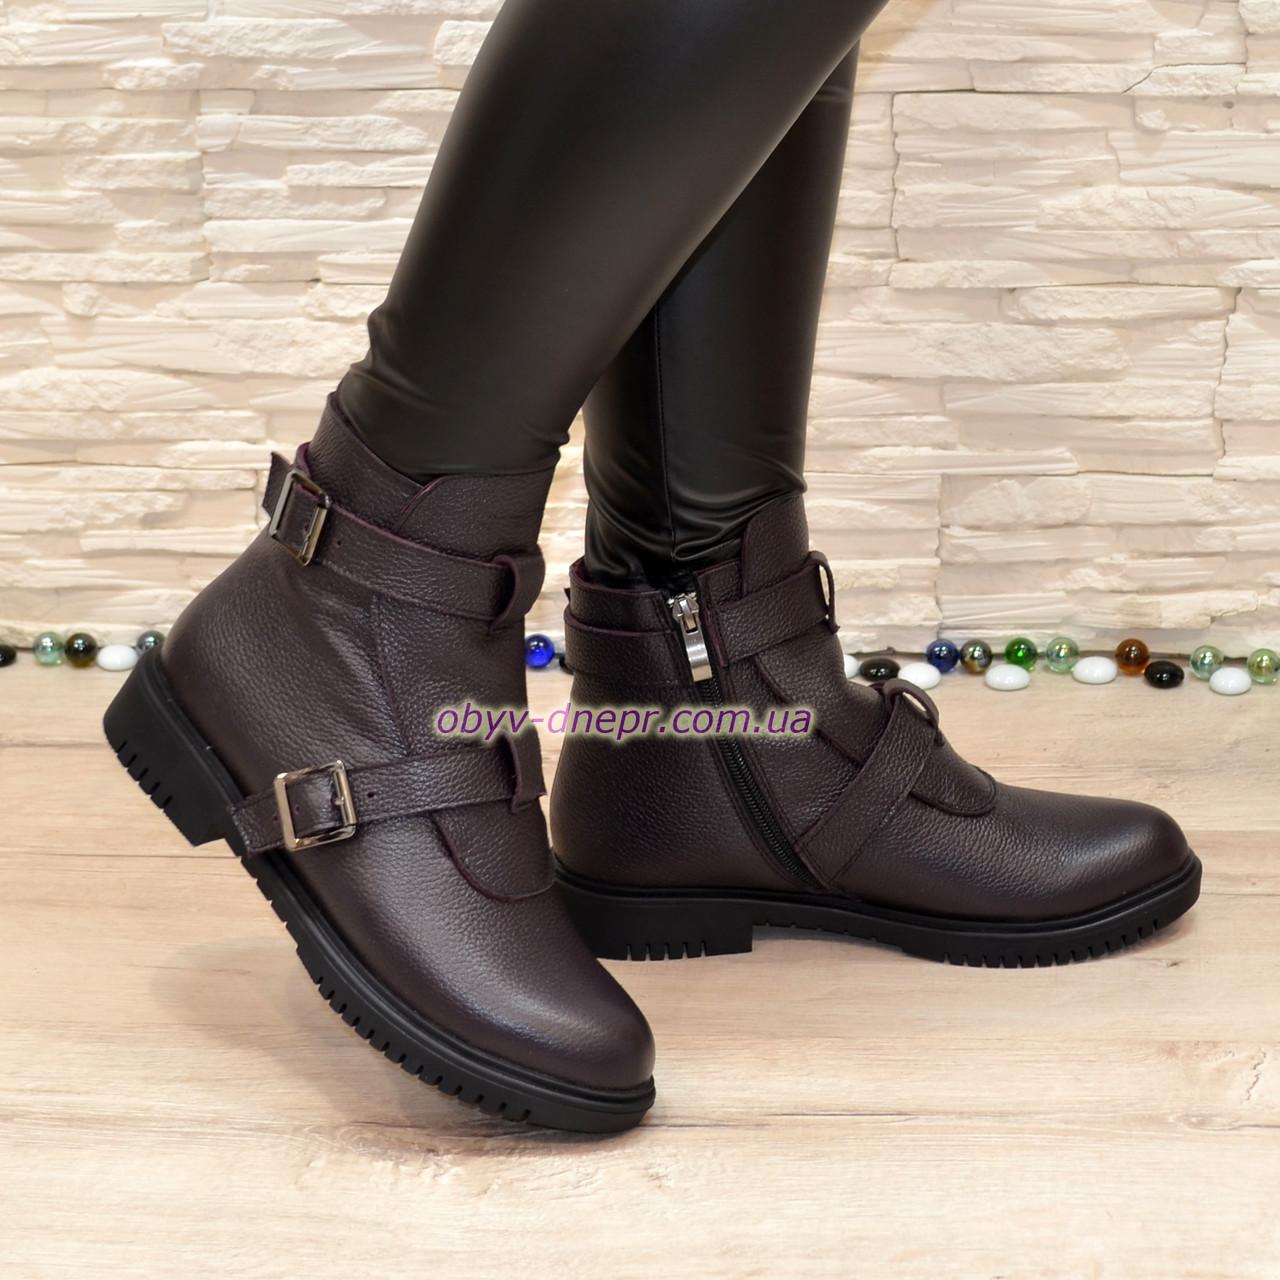 Ботинки кожаные демисезонные на низком ходу, декорированы ремешками, цвет баклажан